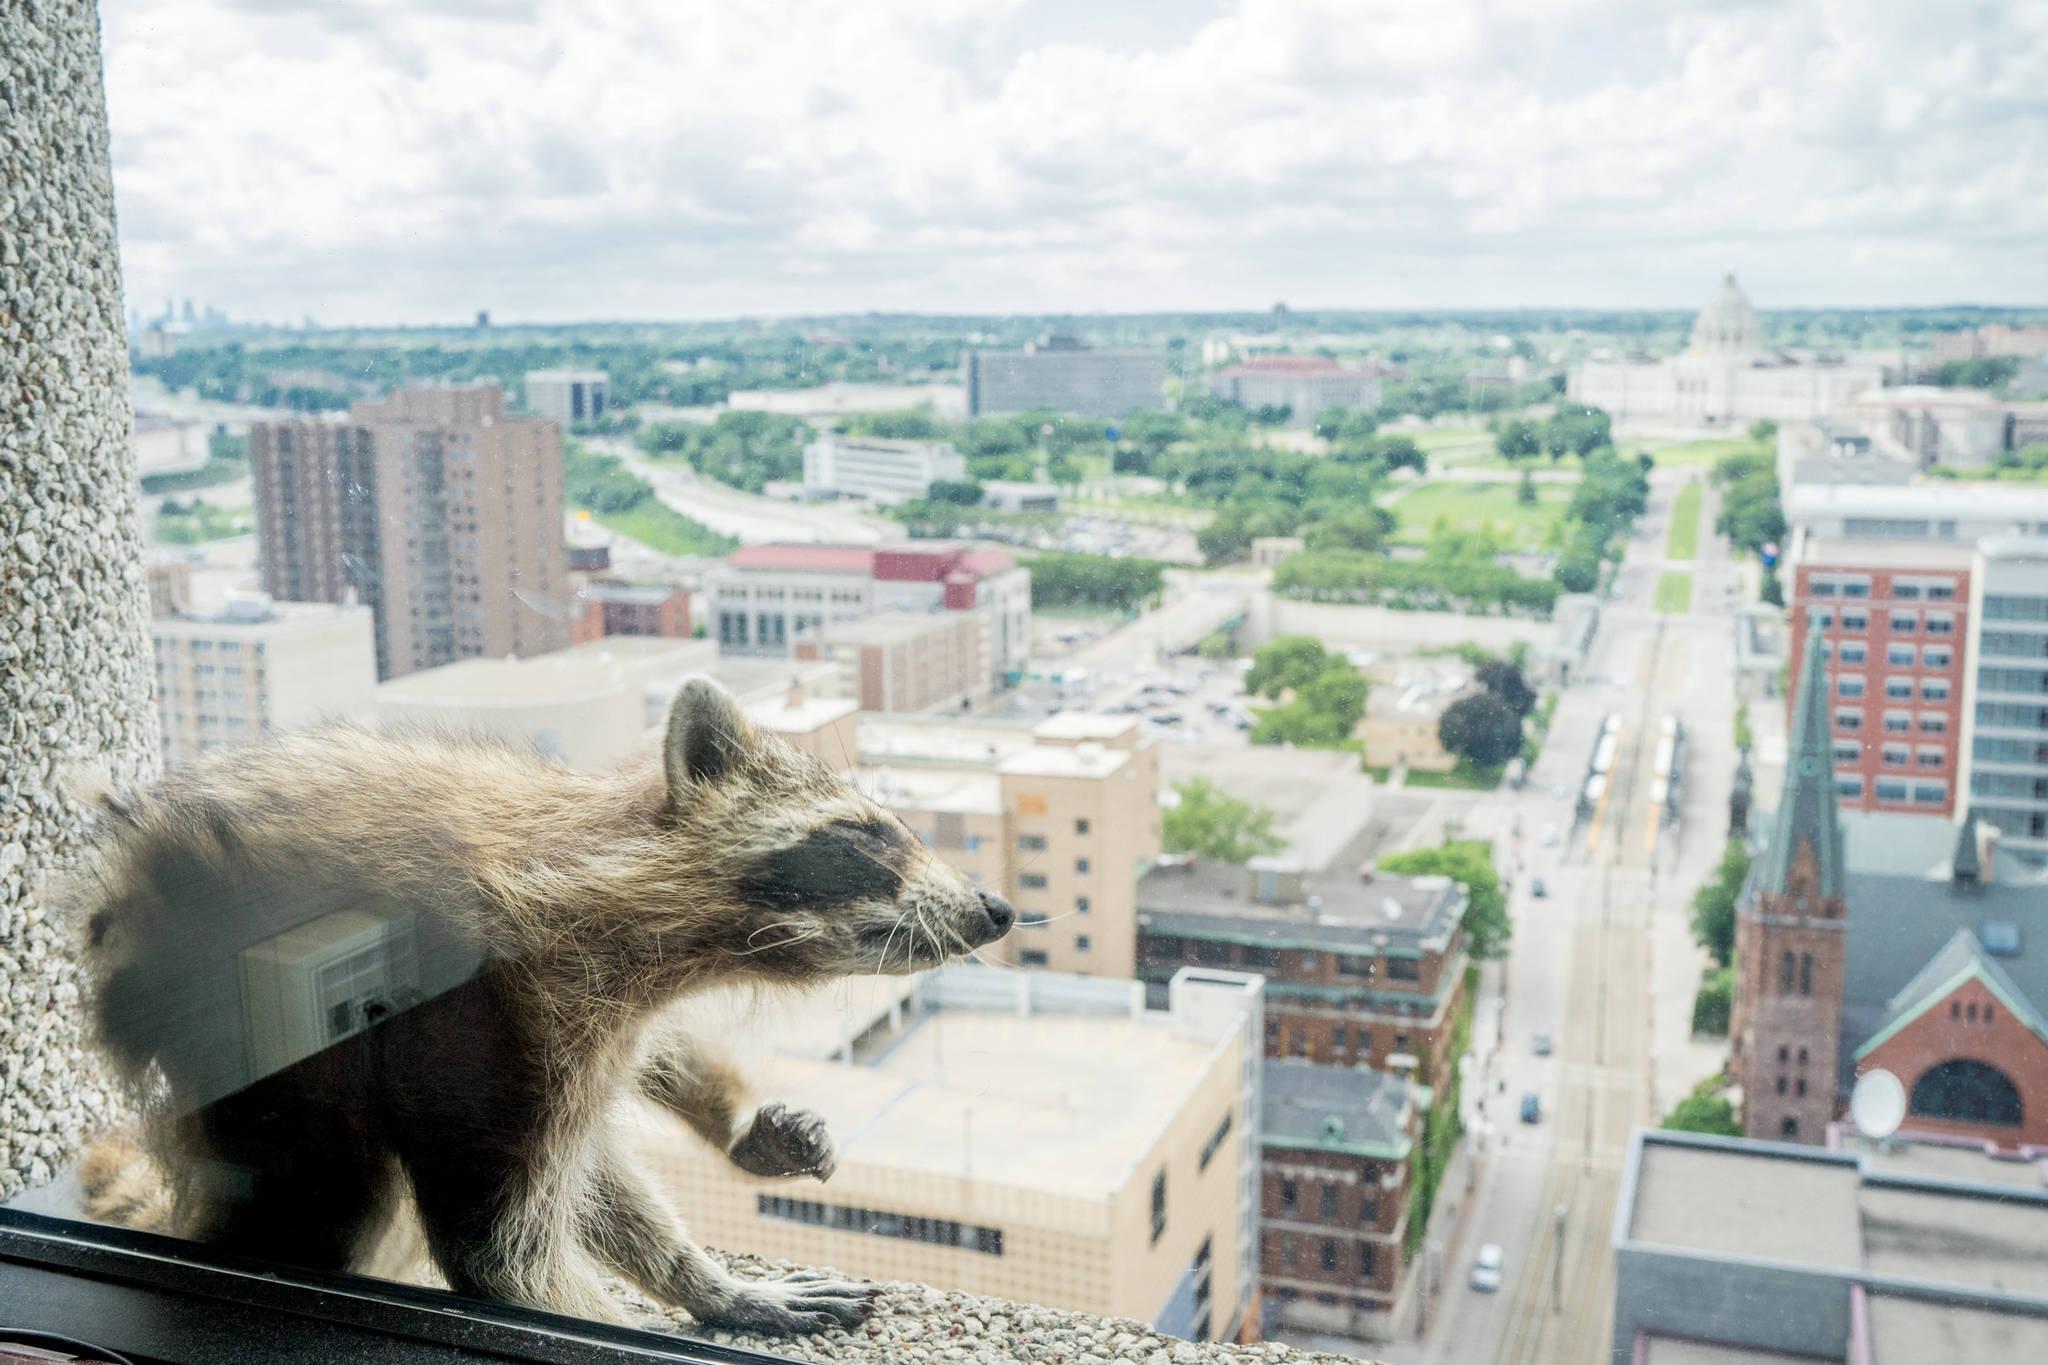 라쿤(미국 너구리) 한 마리가 12일(현지시간) 미국 미네소타주 세인트폴 25층짜리 'UBS 플라자' 건물 외벽을 기어오르다가 23층 창문 턱에서 휴식을 취하고 있다. 이 라쿤은 13일 새벽 25층 꼭대기 옥상에 도착하는데 성공했고, 이후 생포됐다가 야생으로 돌아갔다. [로이터=연합뉴스]